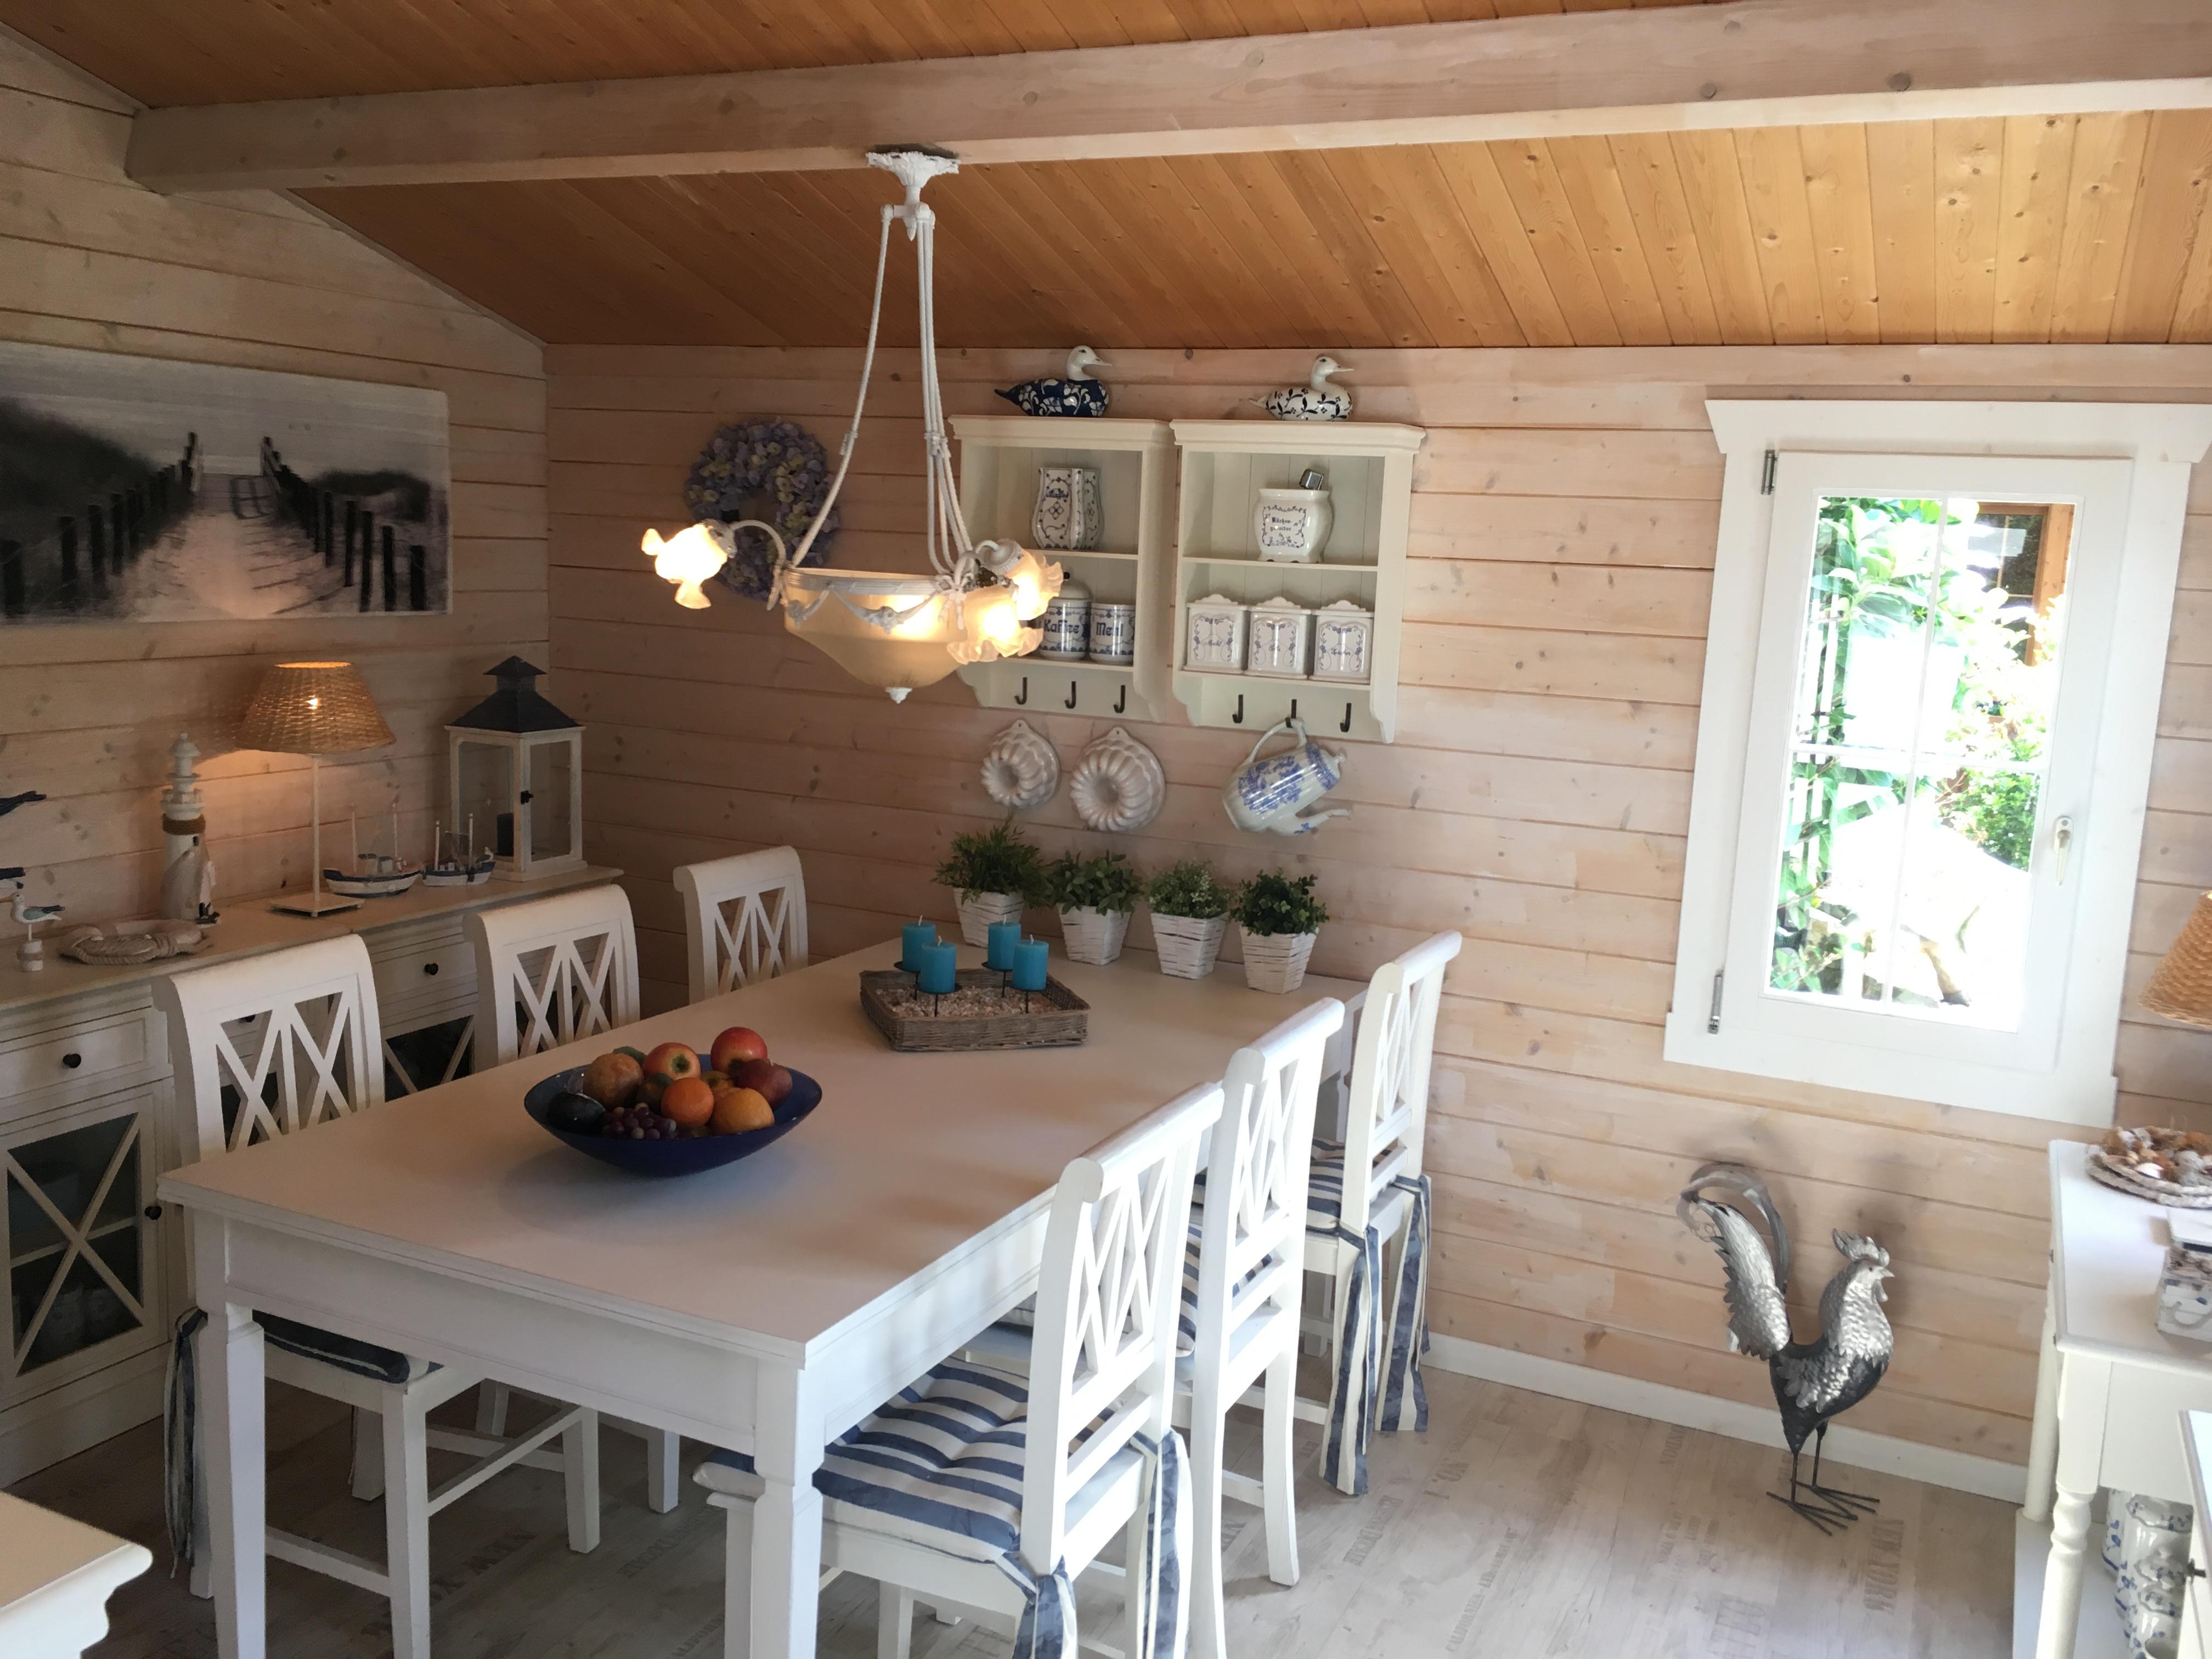 Wunderbar Gartenhaus Blog Mit Testbericht Rund Um Mein Neues Gaidt Gartenhaus.